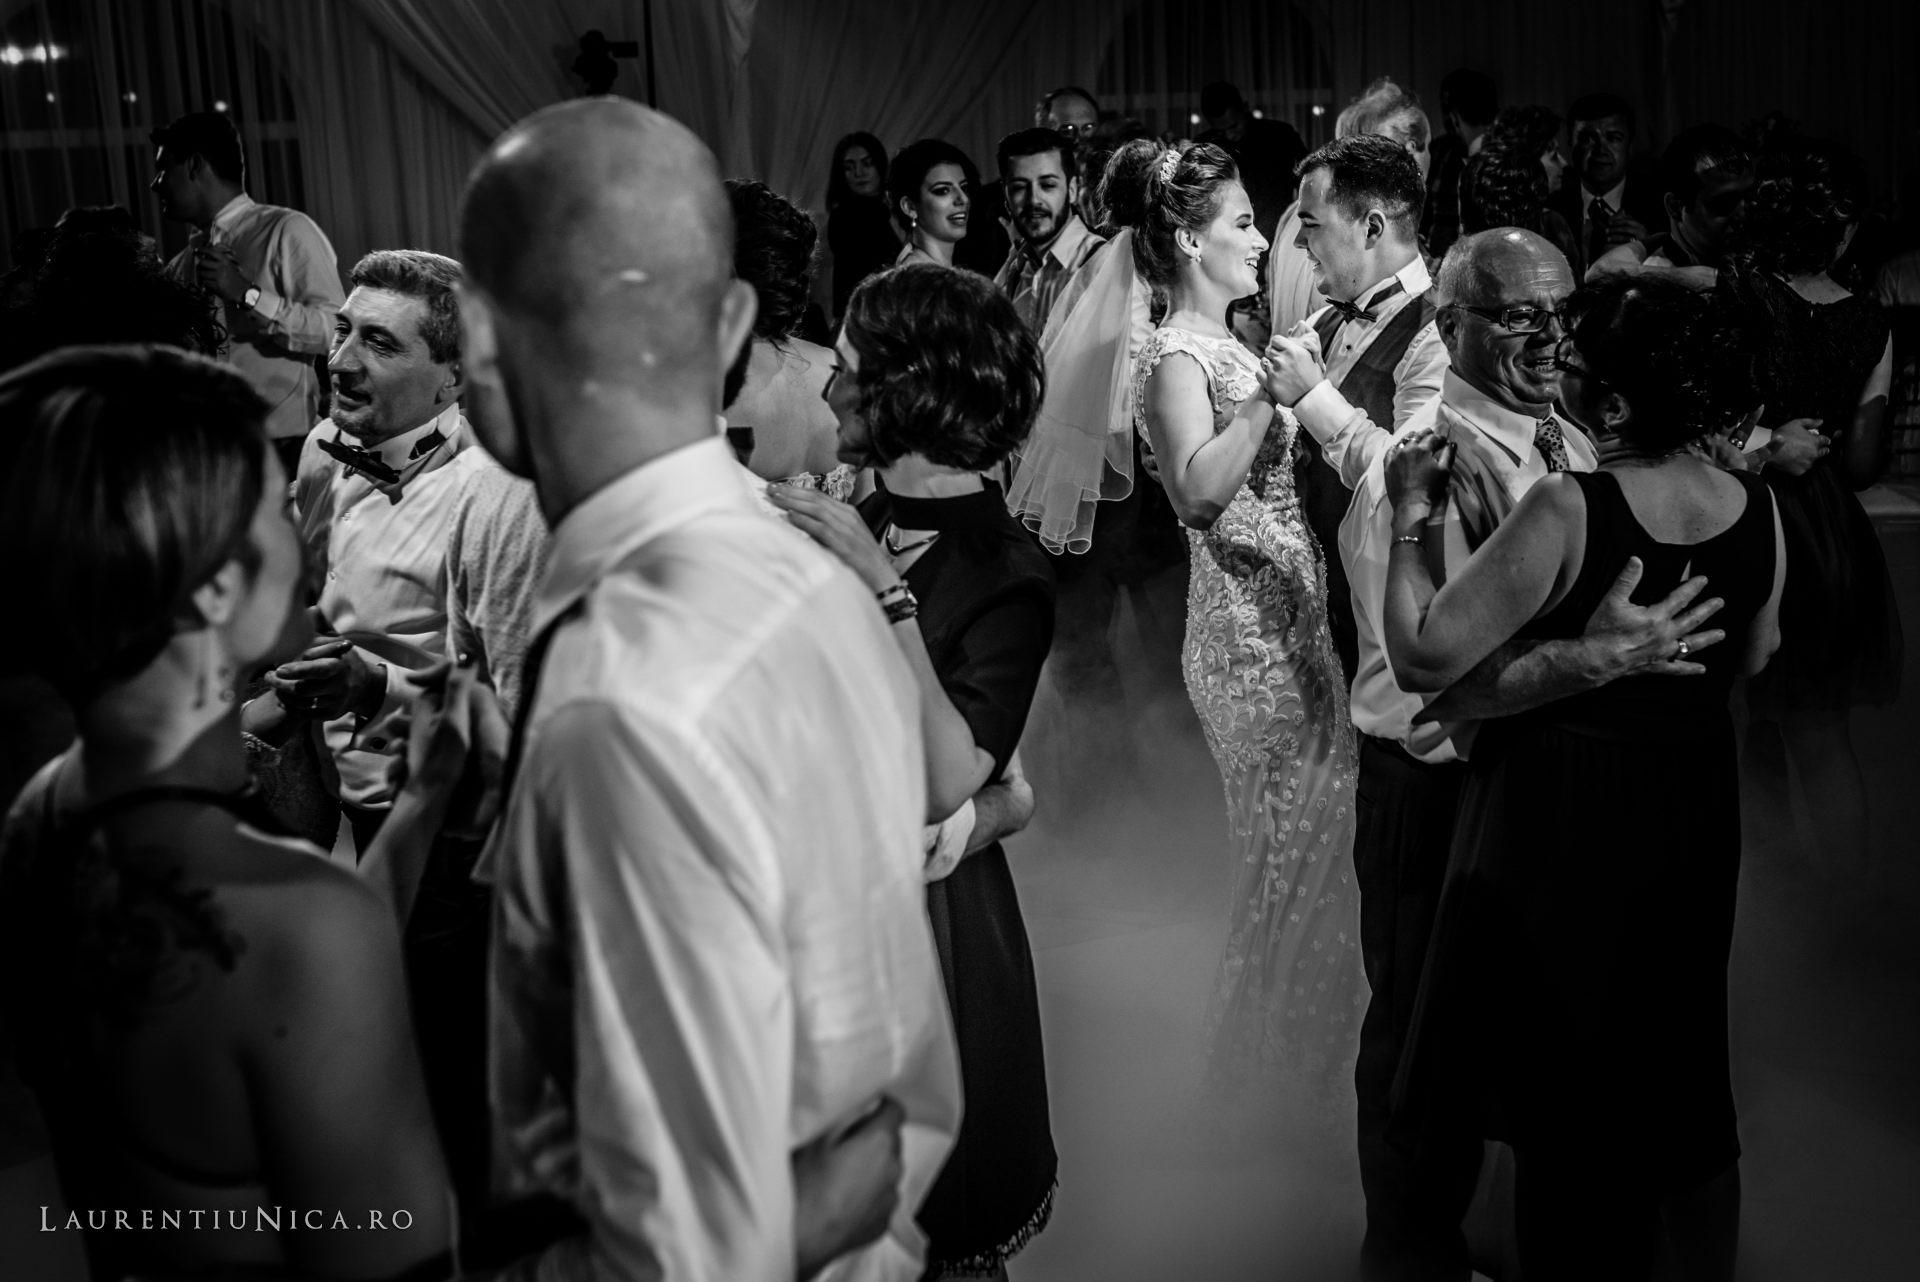 denisa si catalin fotograf nunta laurentiu nica craiova 74 - Denisa si Catalin | Fotografii nunta | Craiova